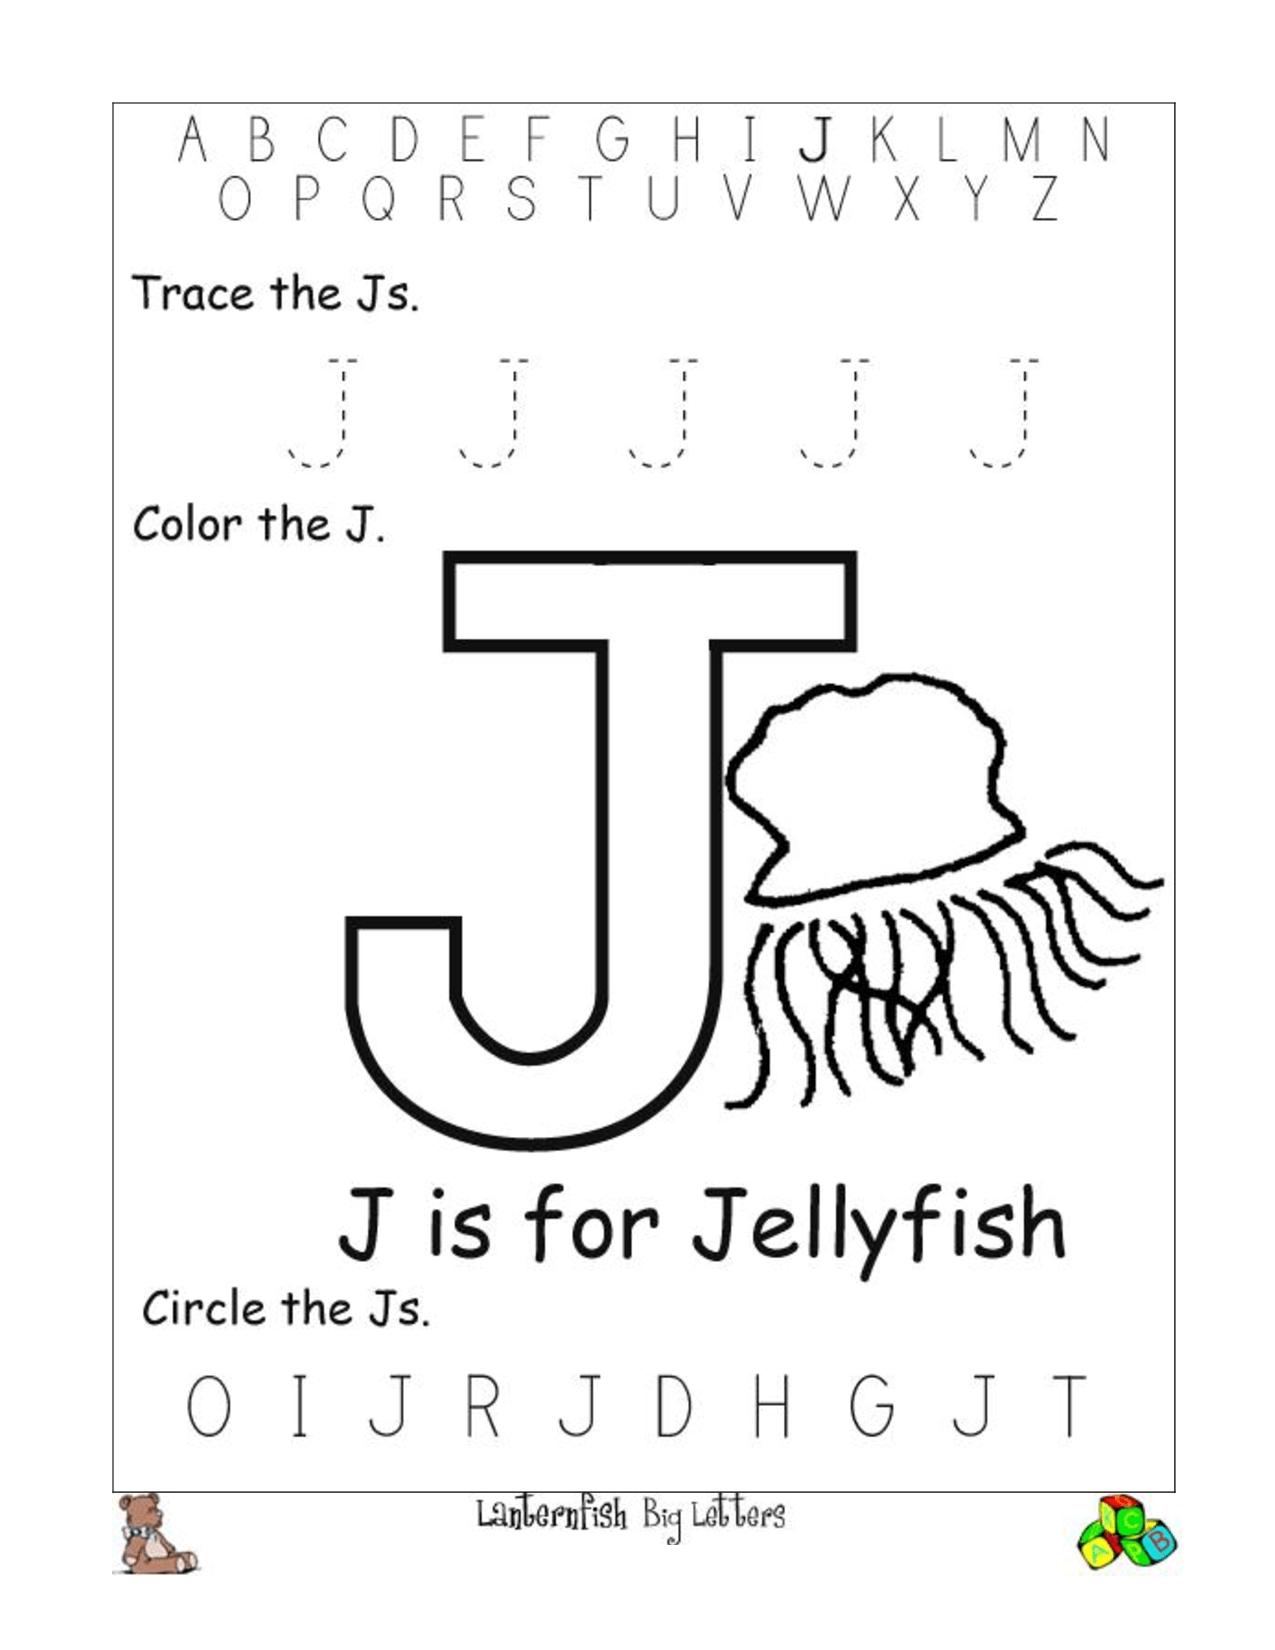 Alphabet Worksheet Sparklebox | Printable Worksheets And intended for Letter N Worksheets Sparklebox